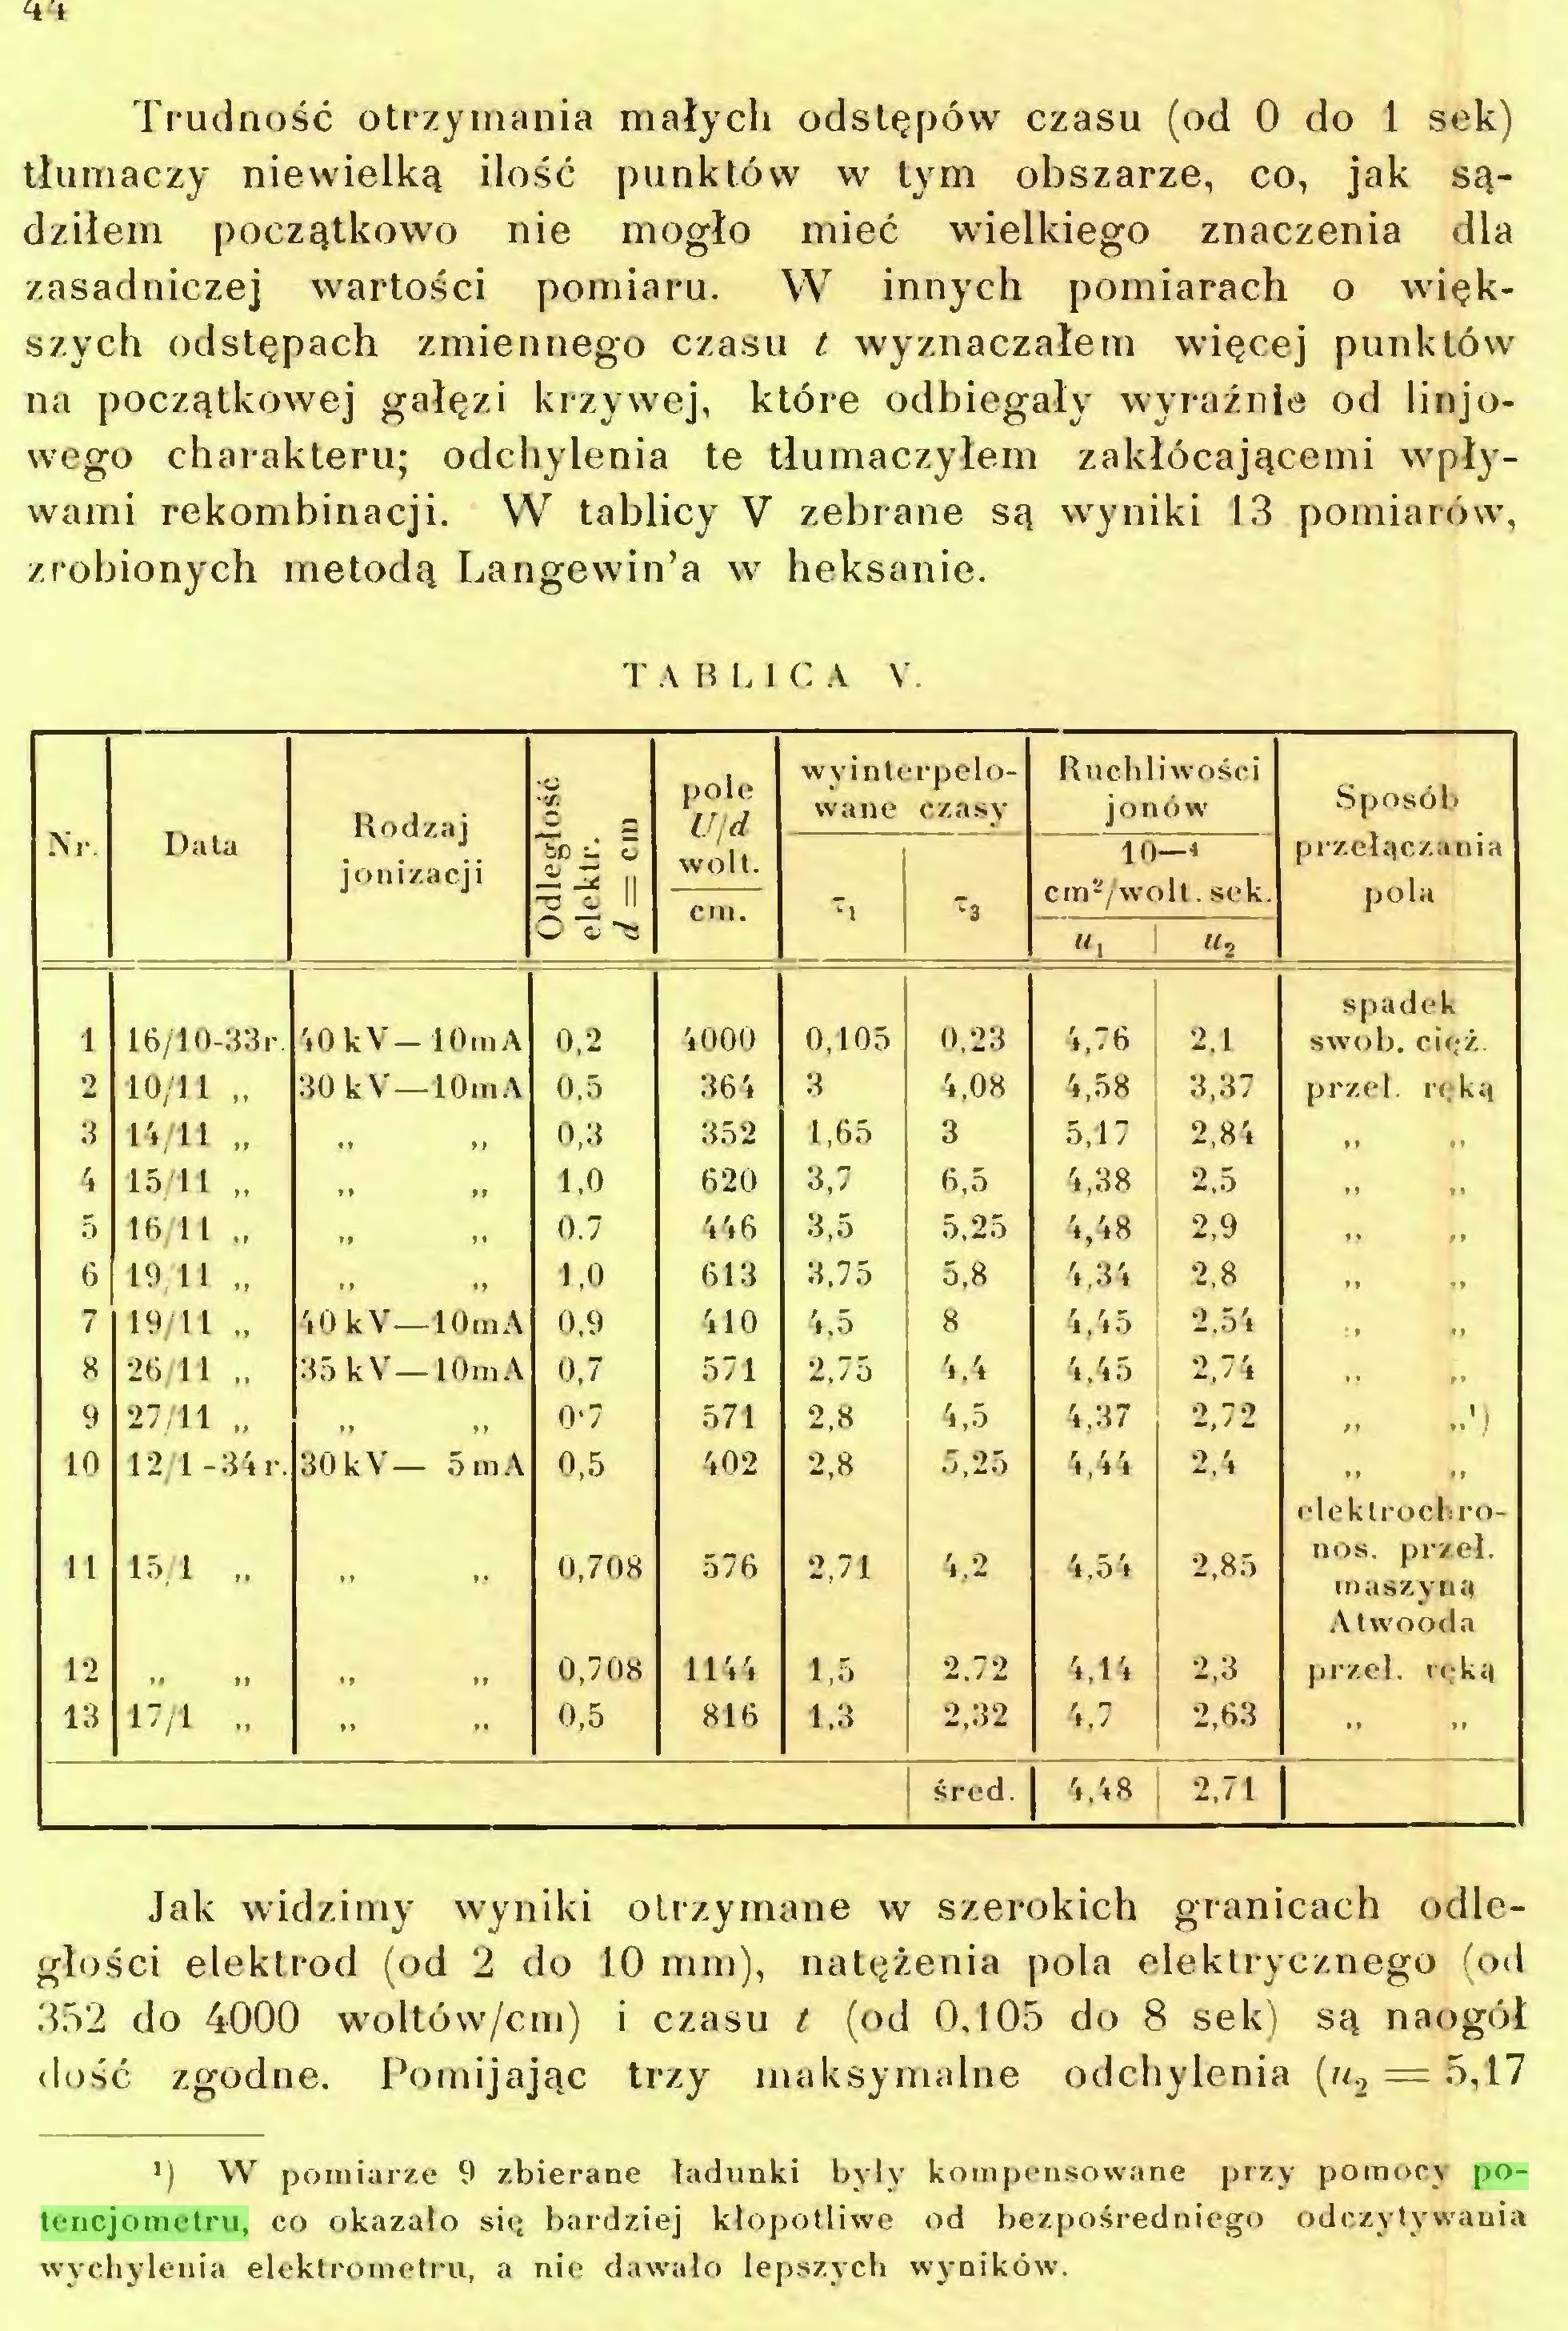 (...) l) W pomiarze 9 zbierane ładunki były kompensowane przy pomocy potencjometru, co okazało się bardziej kłopotliwe od bezpośredniego odczytywania wychyleuia elektrometru, a nie dawało lepszych wyników. 45...